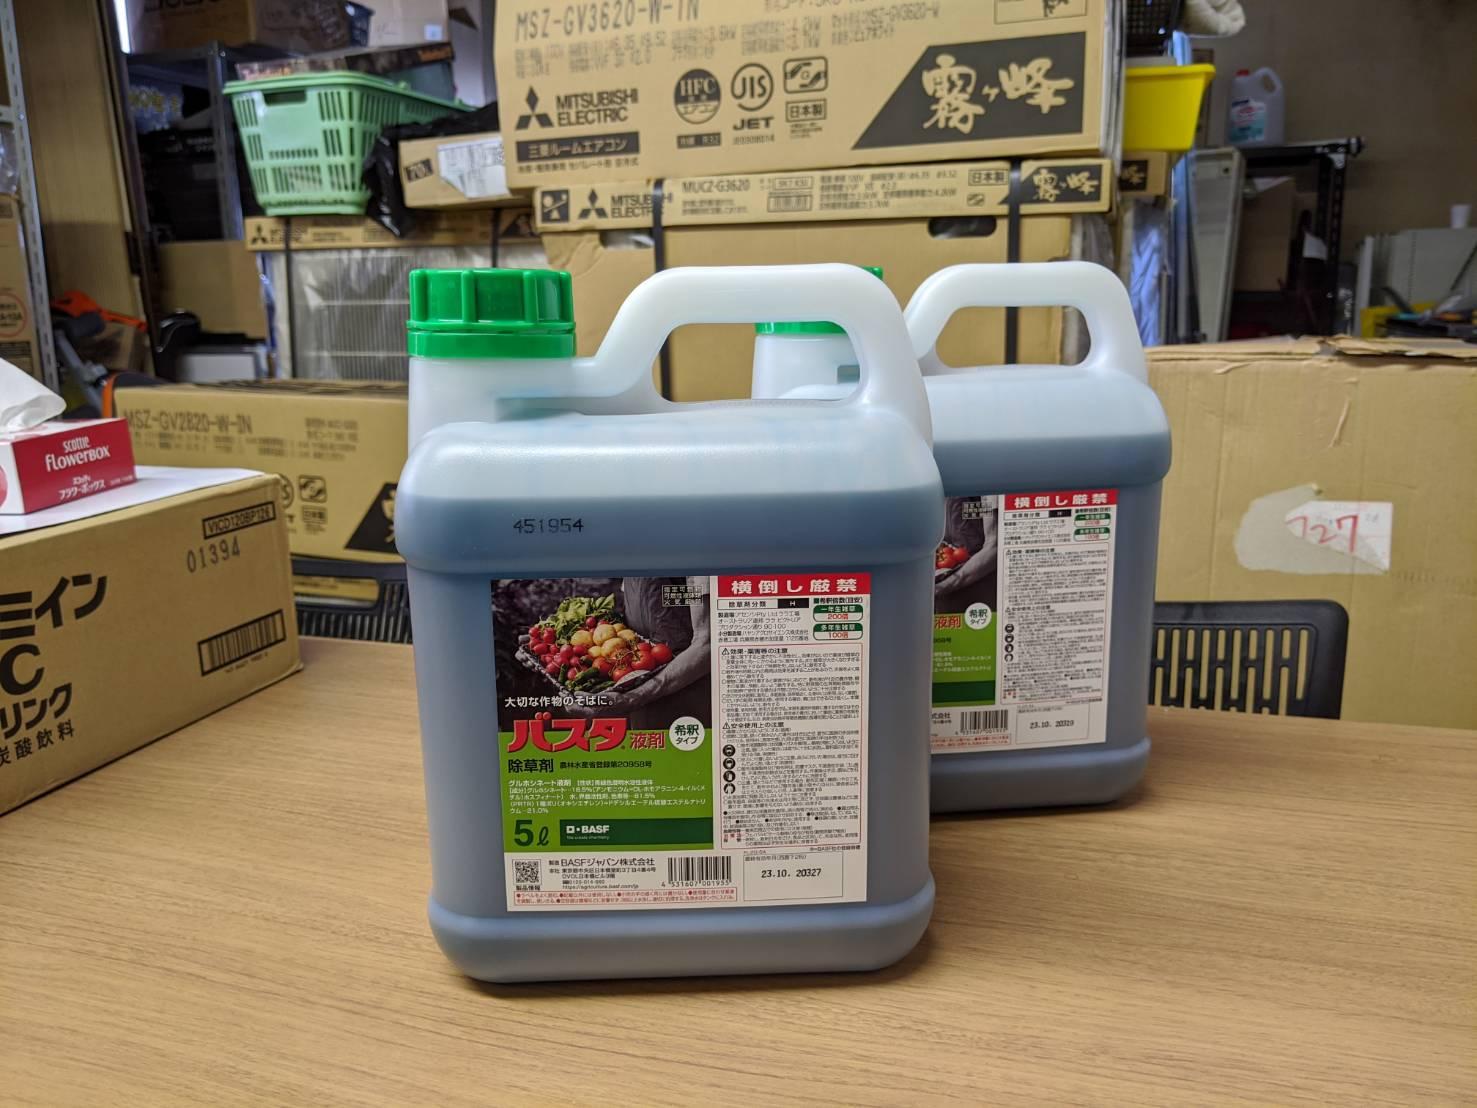 除草剤 バスタ液剤 5L 買取致しました!!の買取-